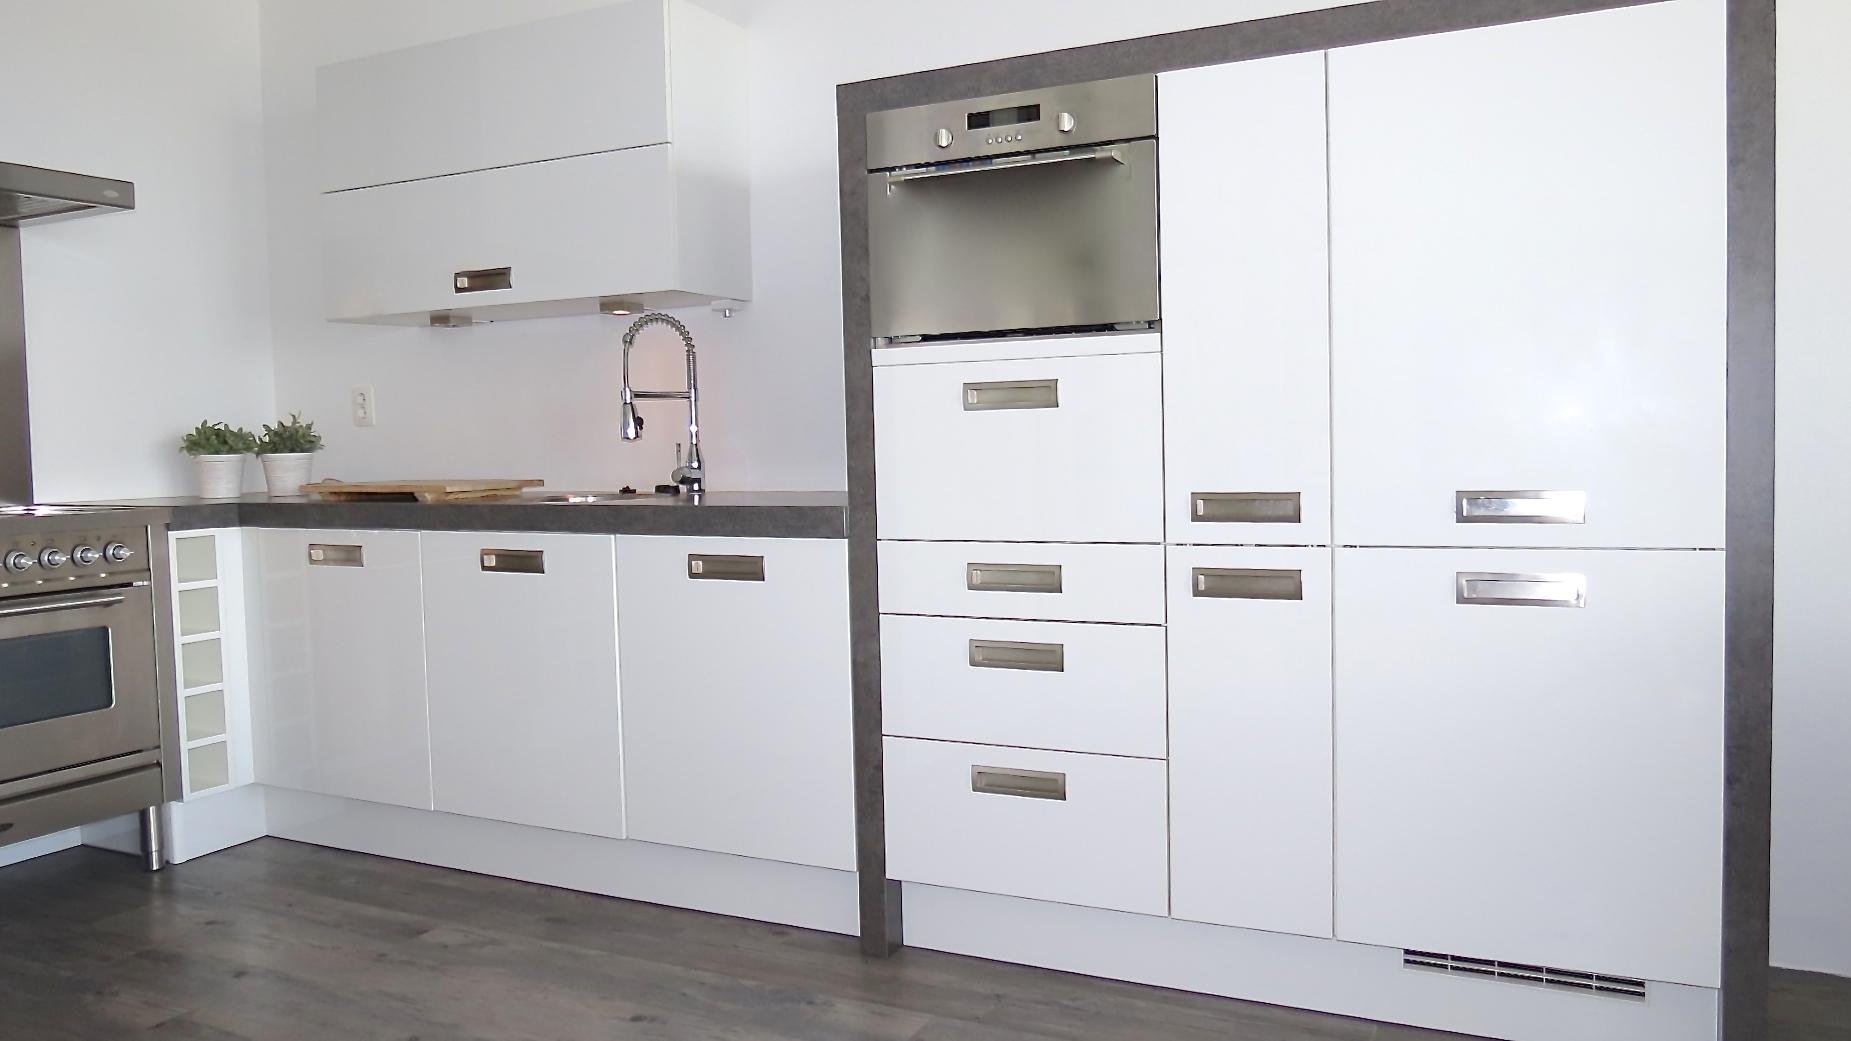 Keuken verbouwen interieur vve onderhoud for Keuken interieur